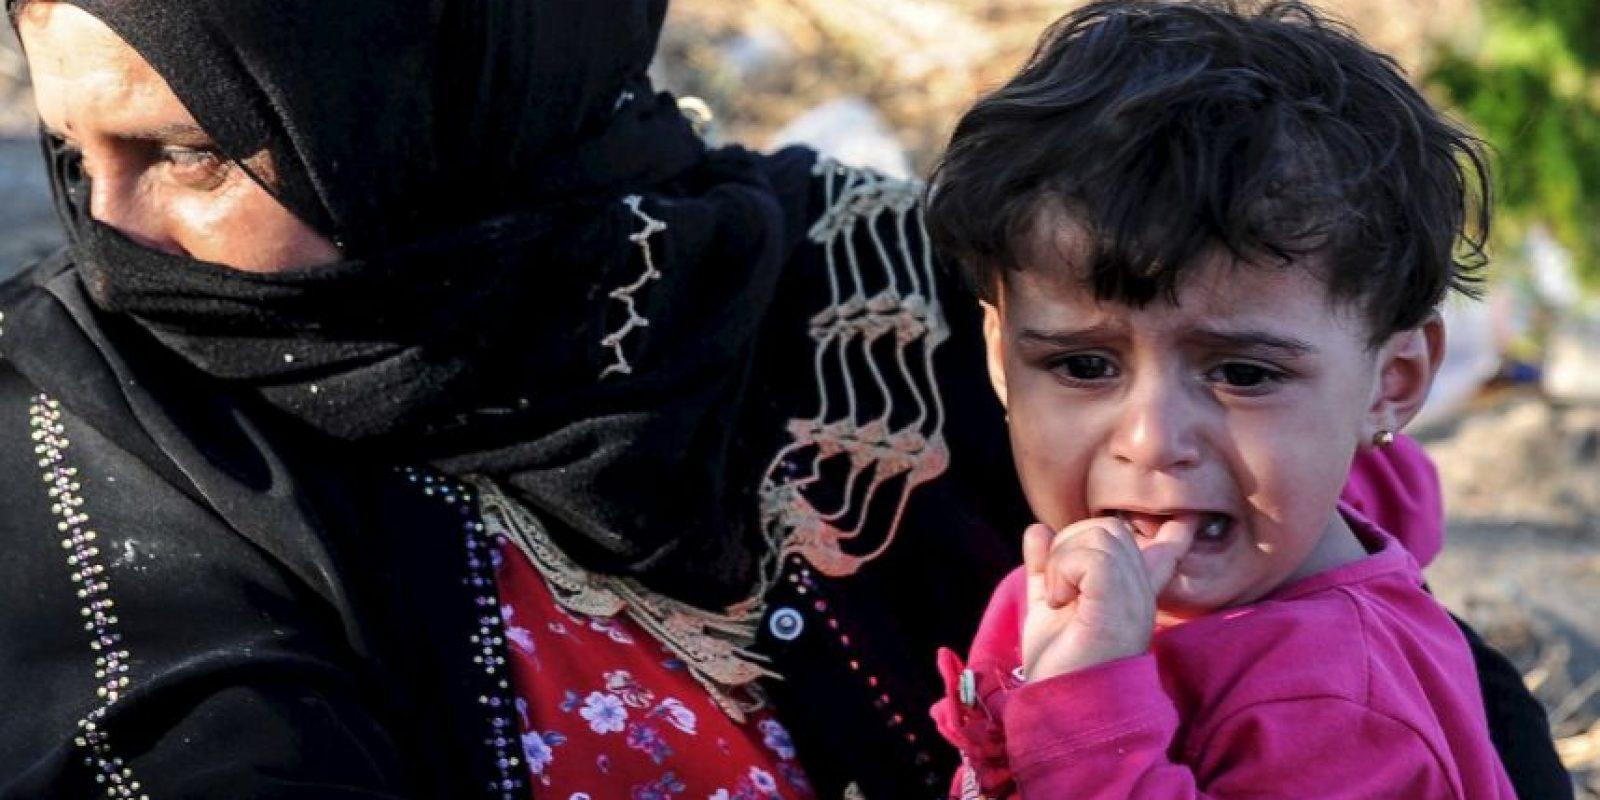 2 millones de niños que viven ahora como refugiados en Líbano, Jordania, Irak, Turquía, Egipto y otros países del norte de África. Foto:Getty Images